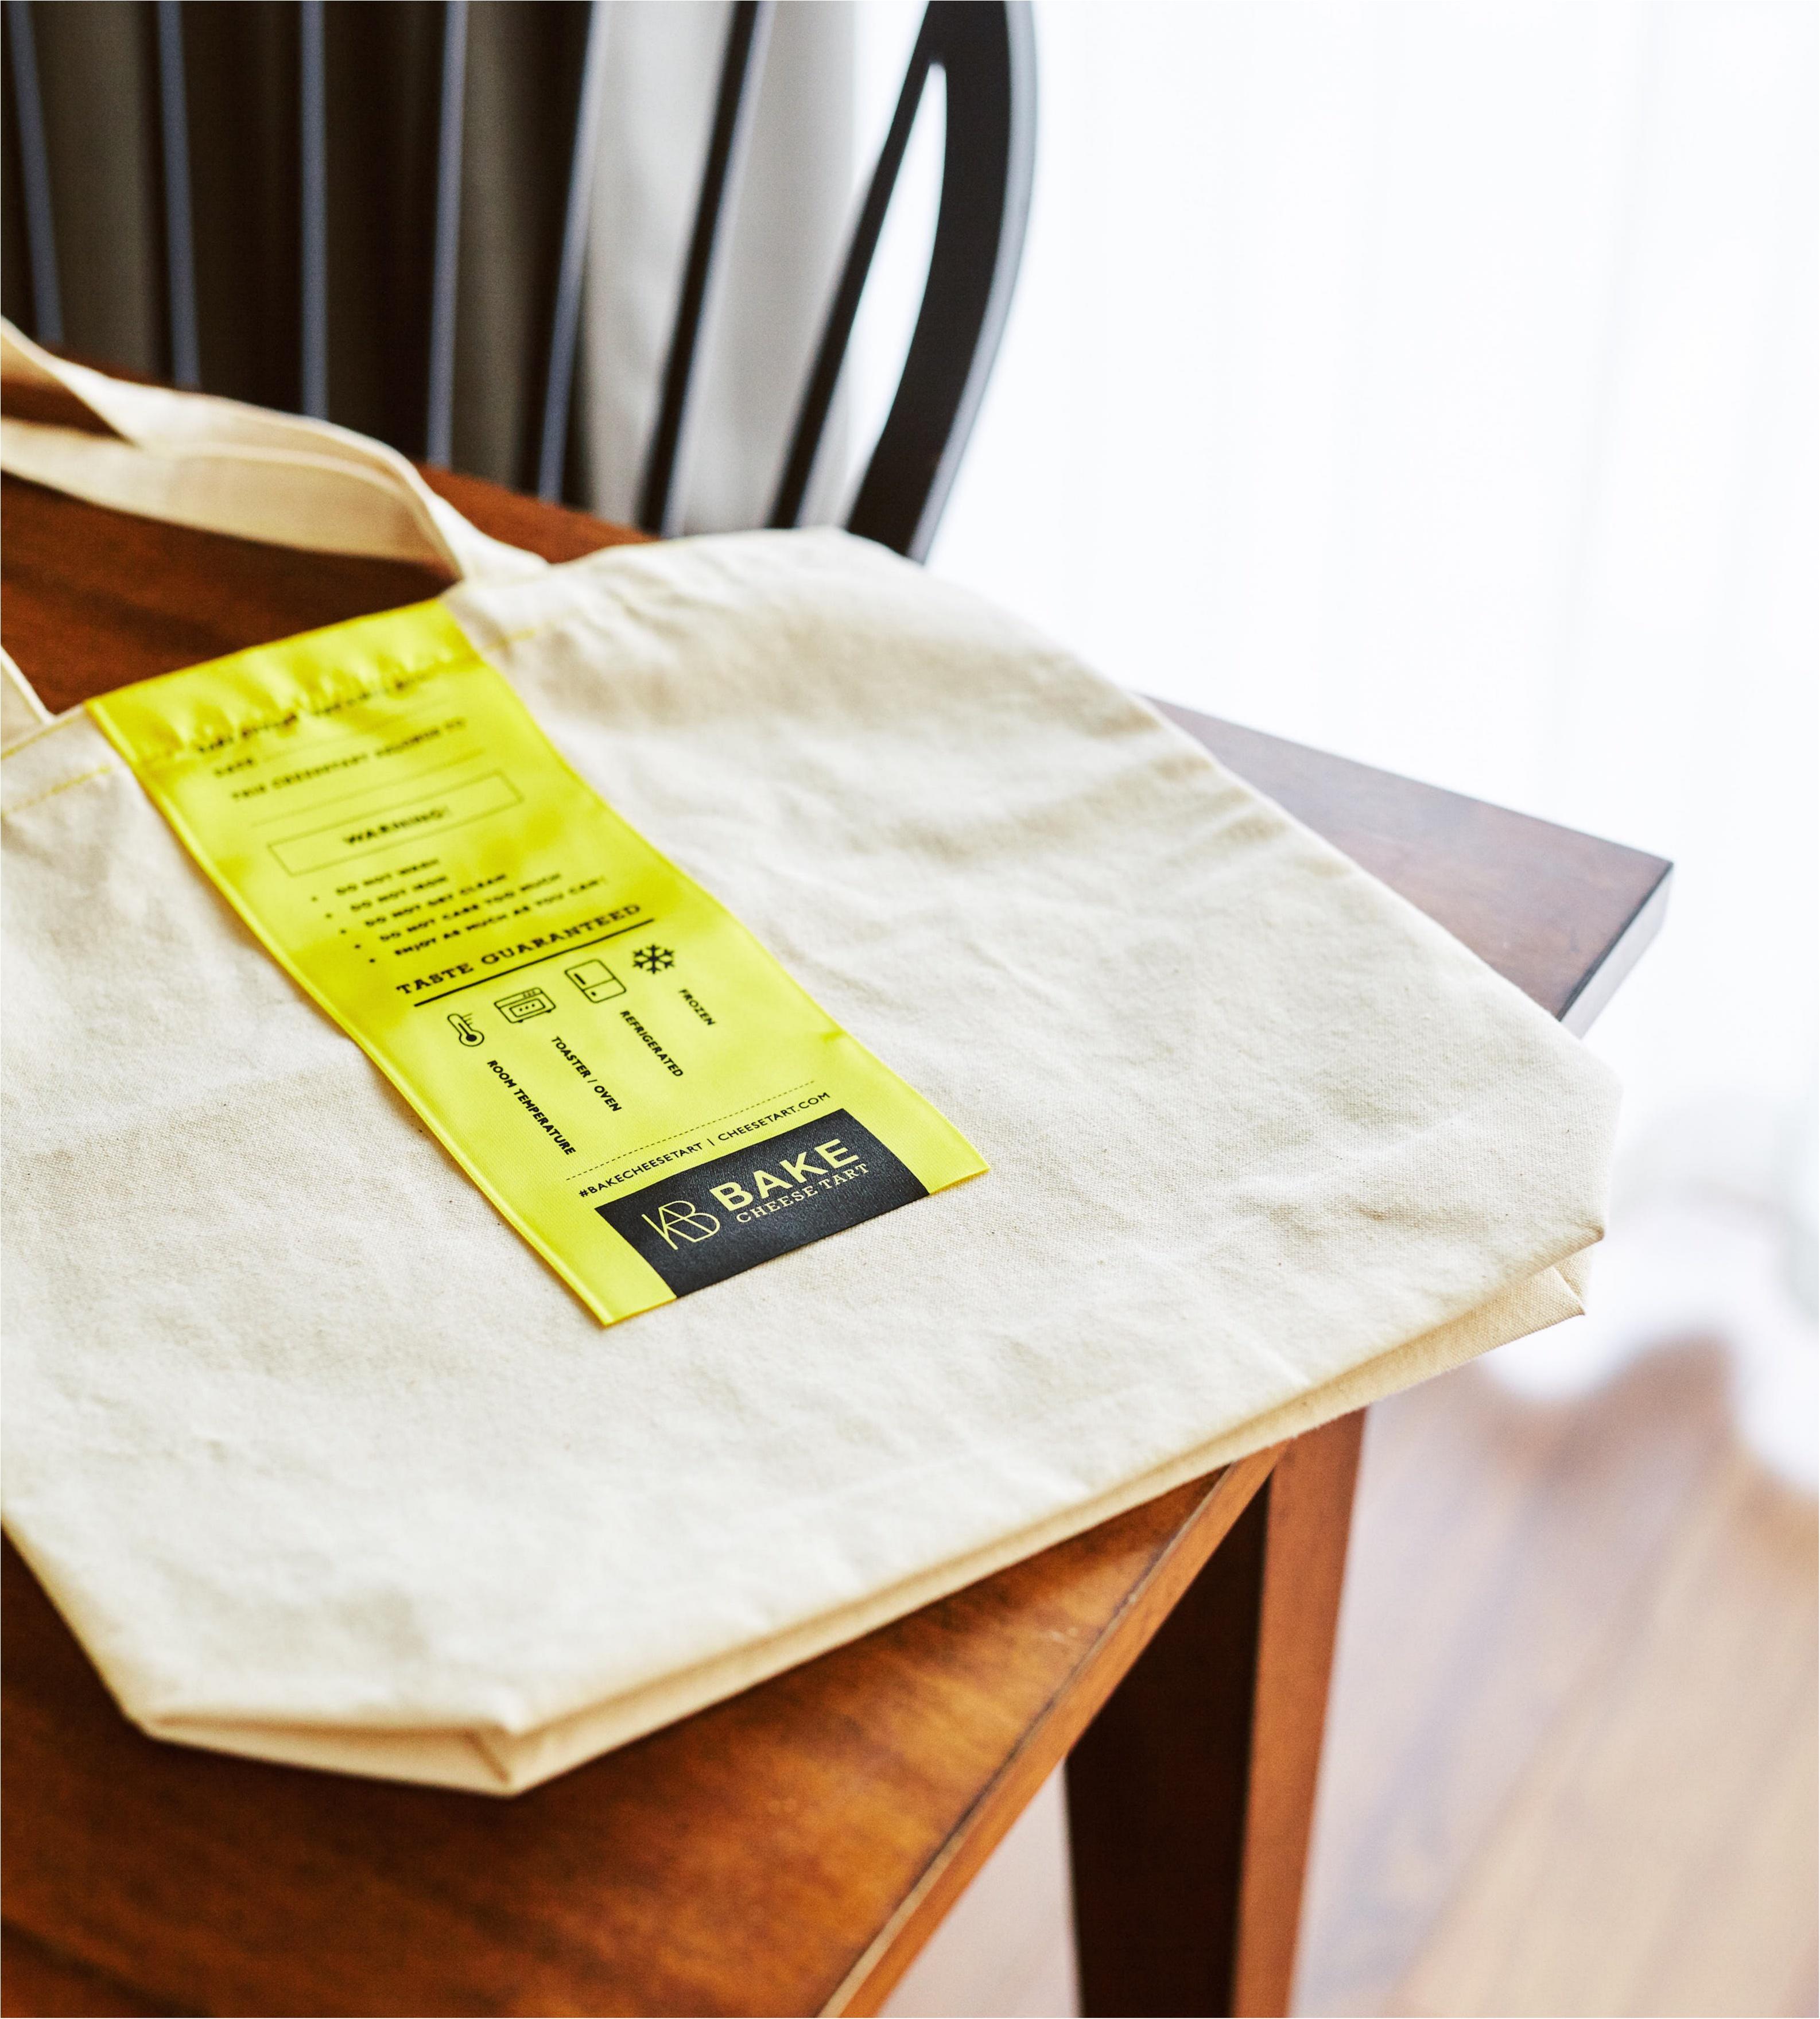 【静岡県初出店!】『BAKE CHEESE TART』が『イオンモール浜松市野店』に12/13(水)オープン☆ 先着でトートバッグももらえちゃう!_2